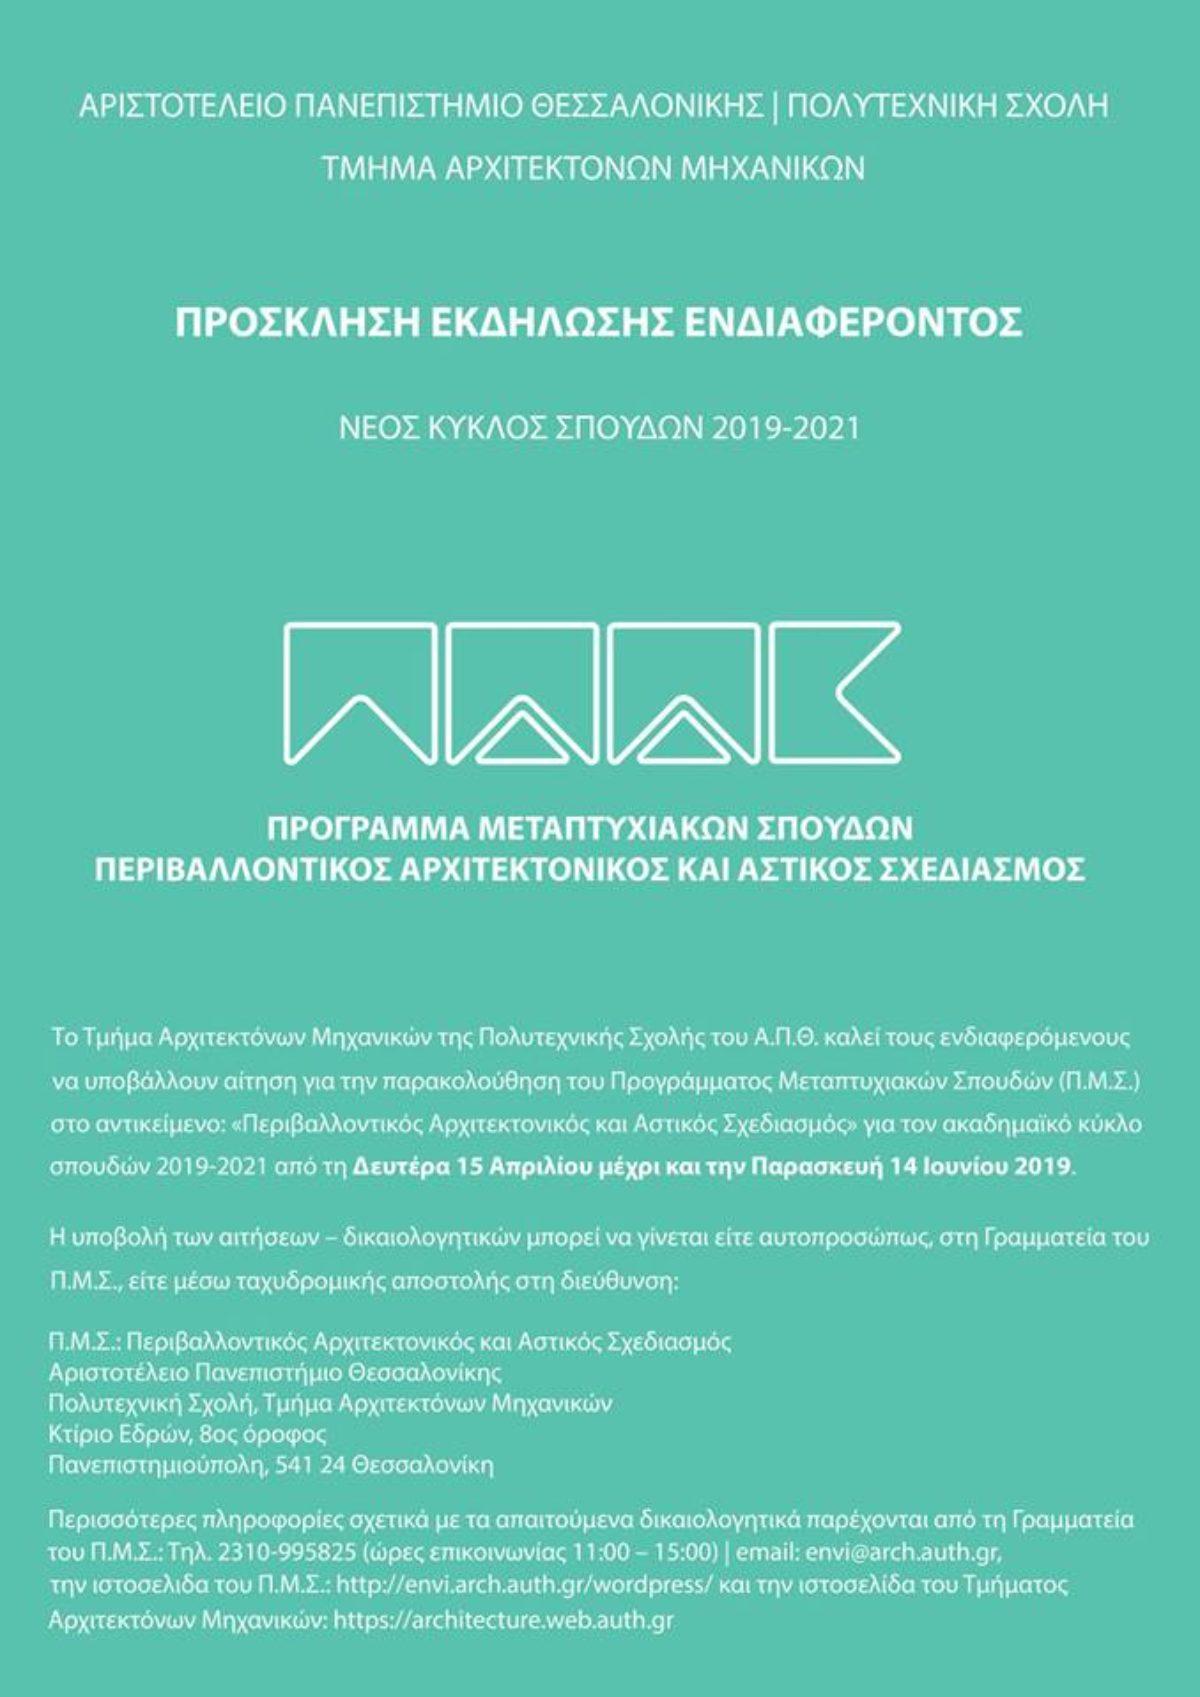 """Πρόγραμμα Μεταπτυχιακών Σπουδών """"Περιβαλλοντικός Αρχιτεκτονικός και Αστικός Σχεδιασμός"""" από το Τμήμα Αρχιτεκτόνων ΑΠΘ"""